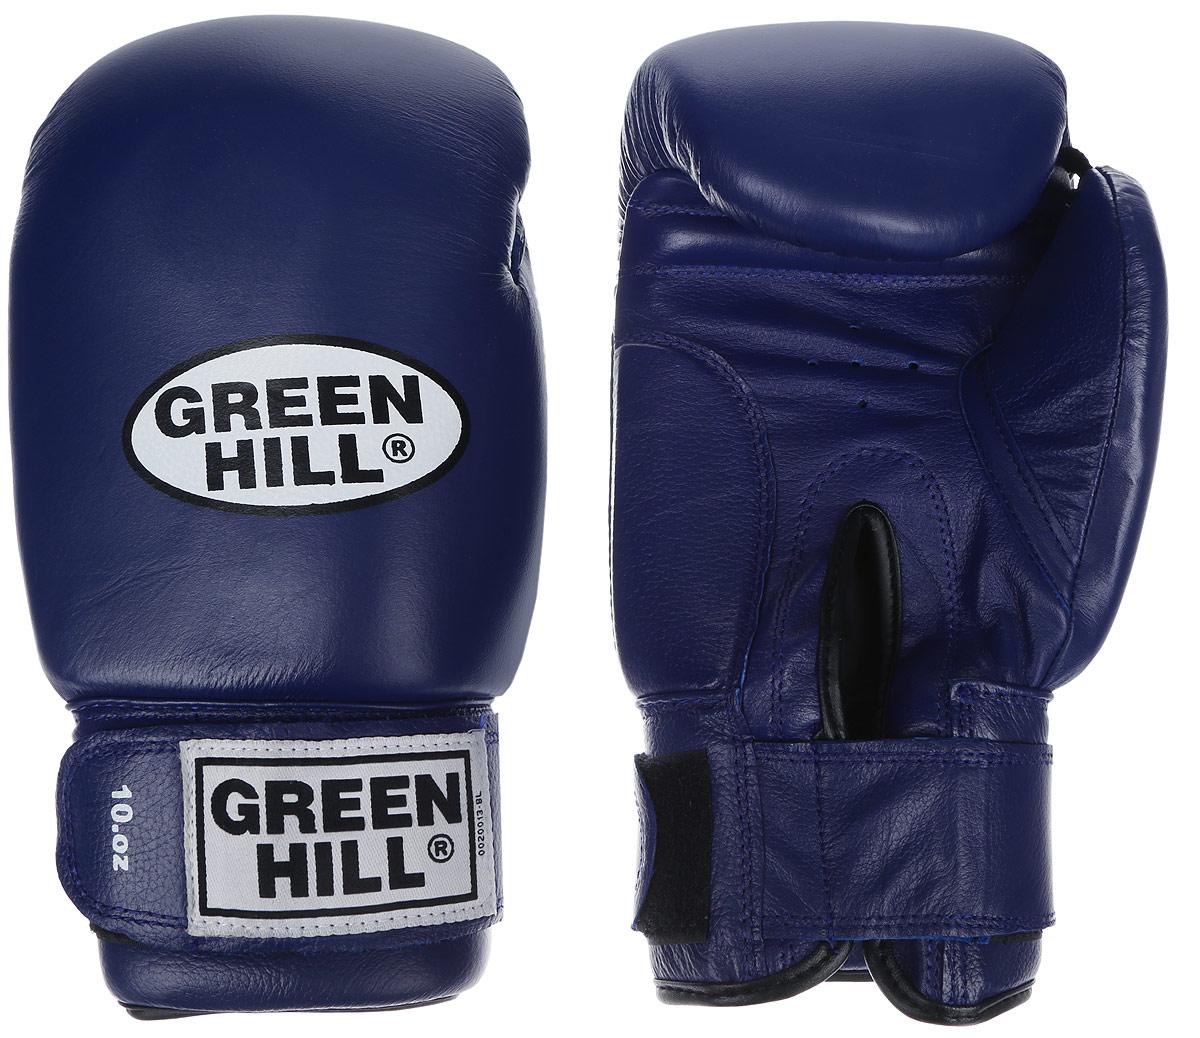 Перчатки боксерские Green Hill Super Star, цвет: синий, белый. Вес 10 унций. BGS-1213сBGS-1213сБоксерские перчатки Green Hill Super Star предназначены для использования профессионалами. Подойдут для спаррингов и соревнований. Верх выполнен из натуральной кожи, наполнитель - из вспененного полимера. Отверстие в области ладони позволяет создать максимально комфортный терморежим во время занятий. Манжет на липучке способствует быстрому и удобному надеванию перчаток, плотно фиксирует перчатки на руке.